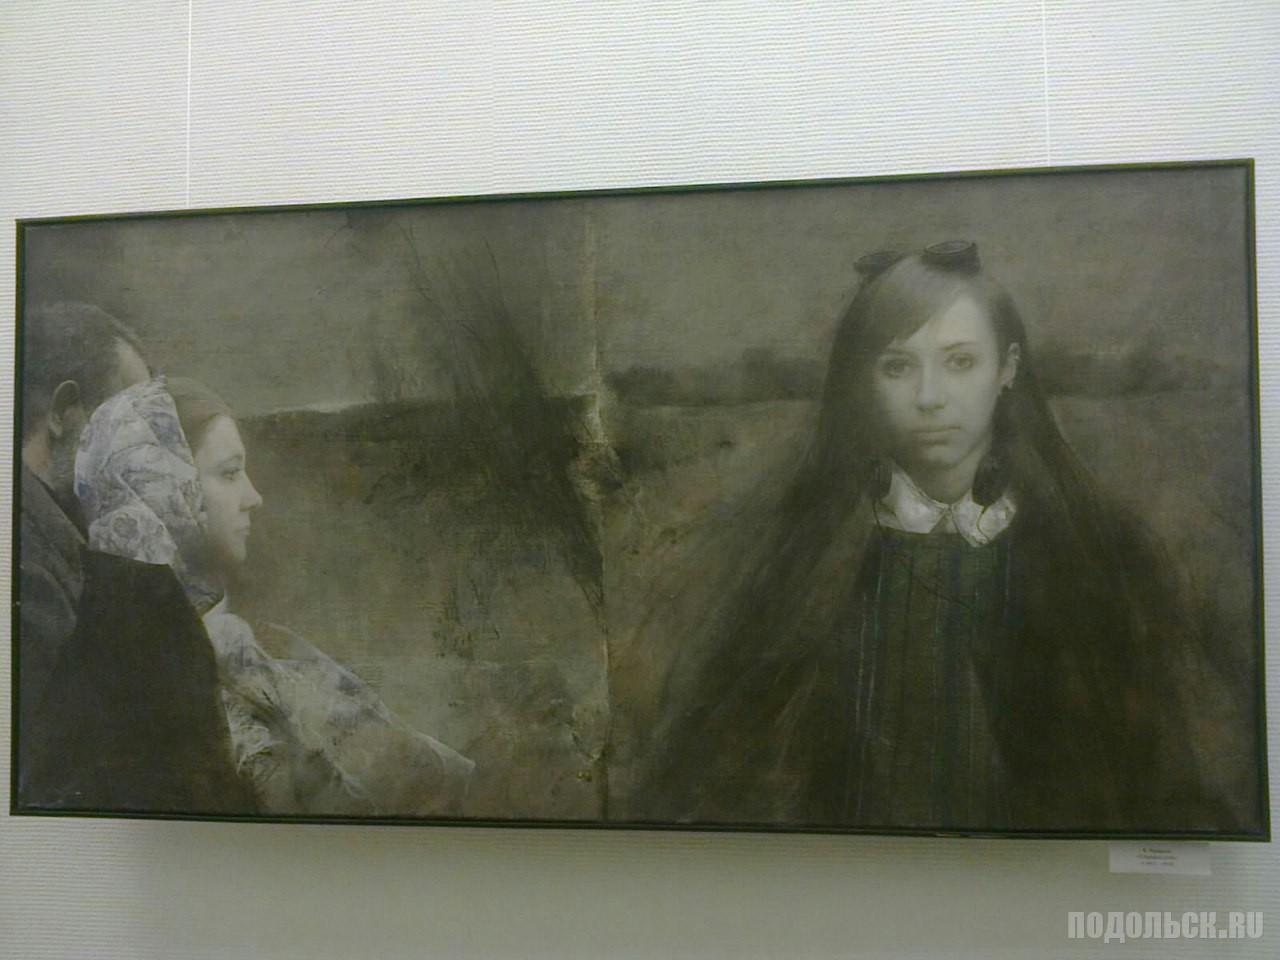 «Один+один+один» – это экспозиция работ авторства Евгения Кравцова, Михаила Кабана- Петрова и Андрея Плиева.